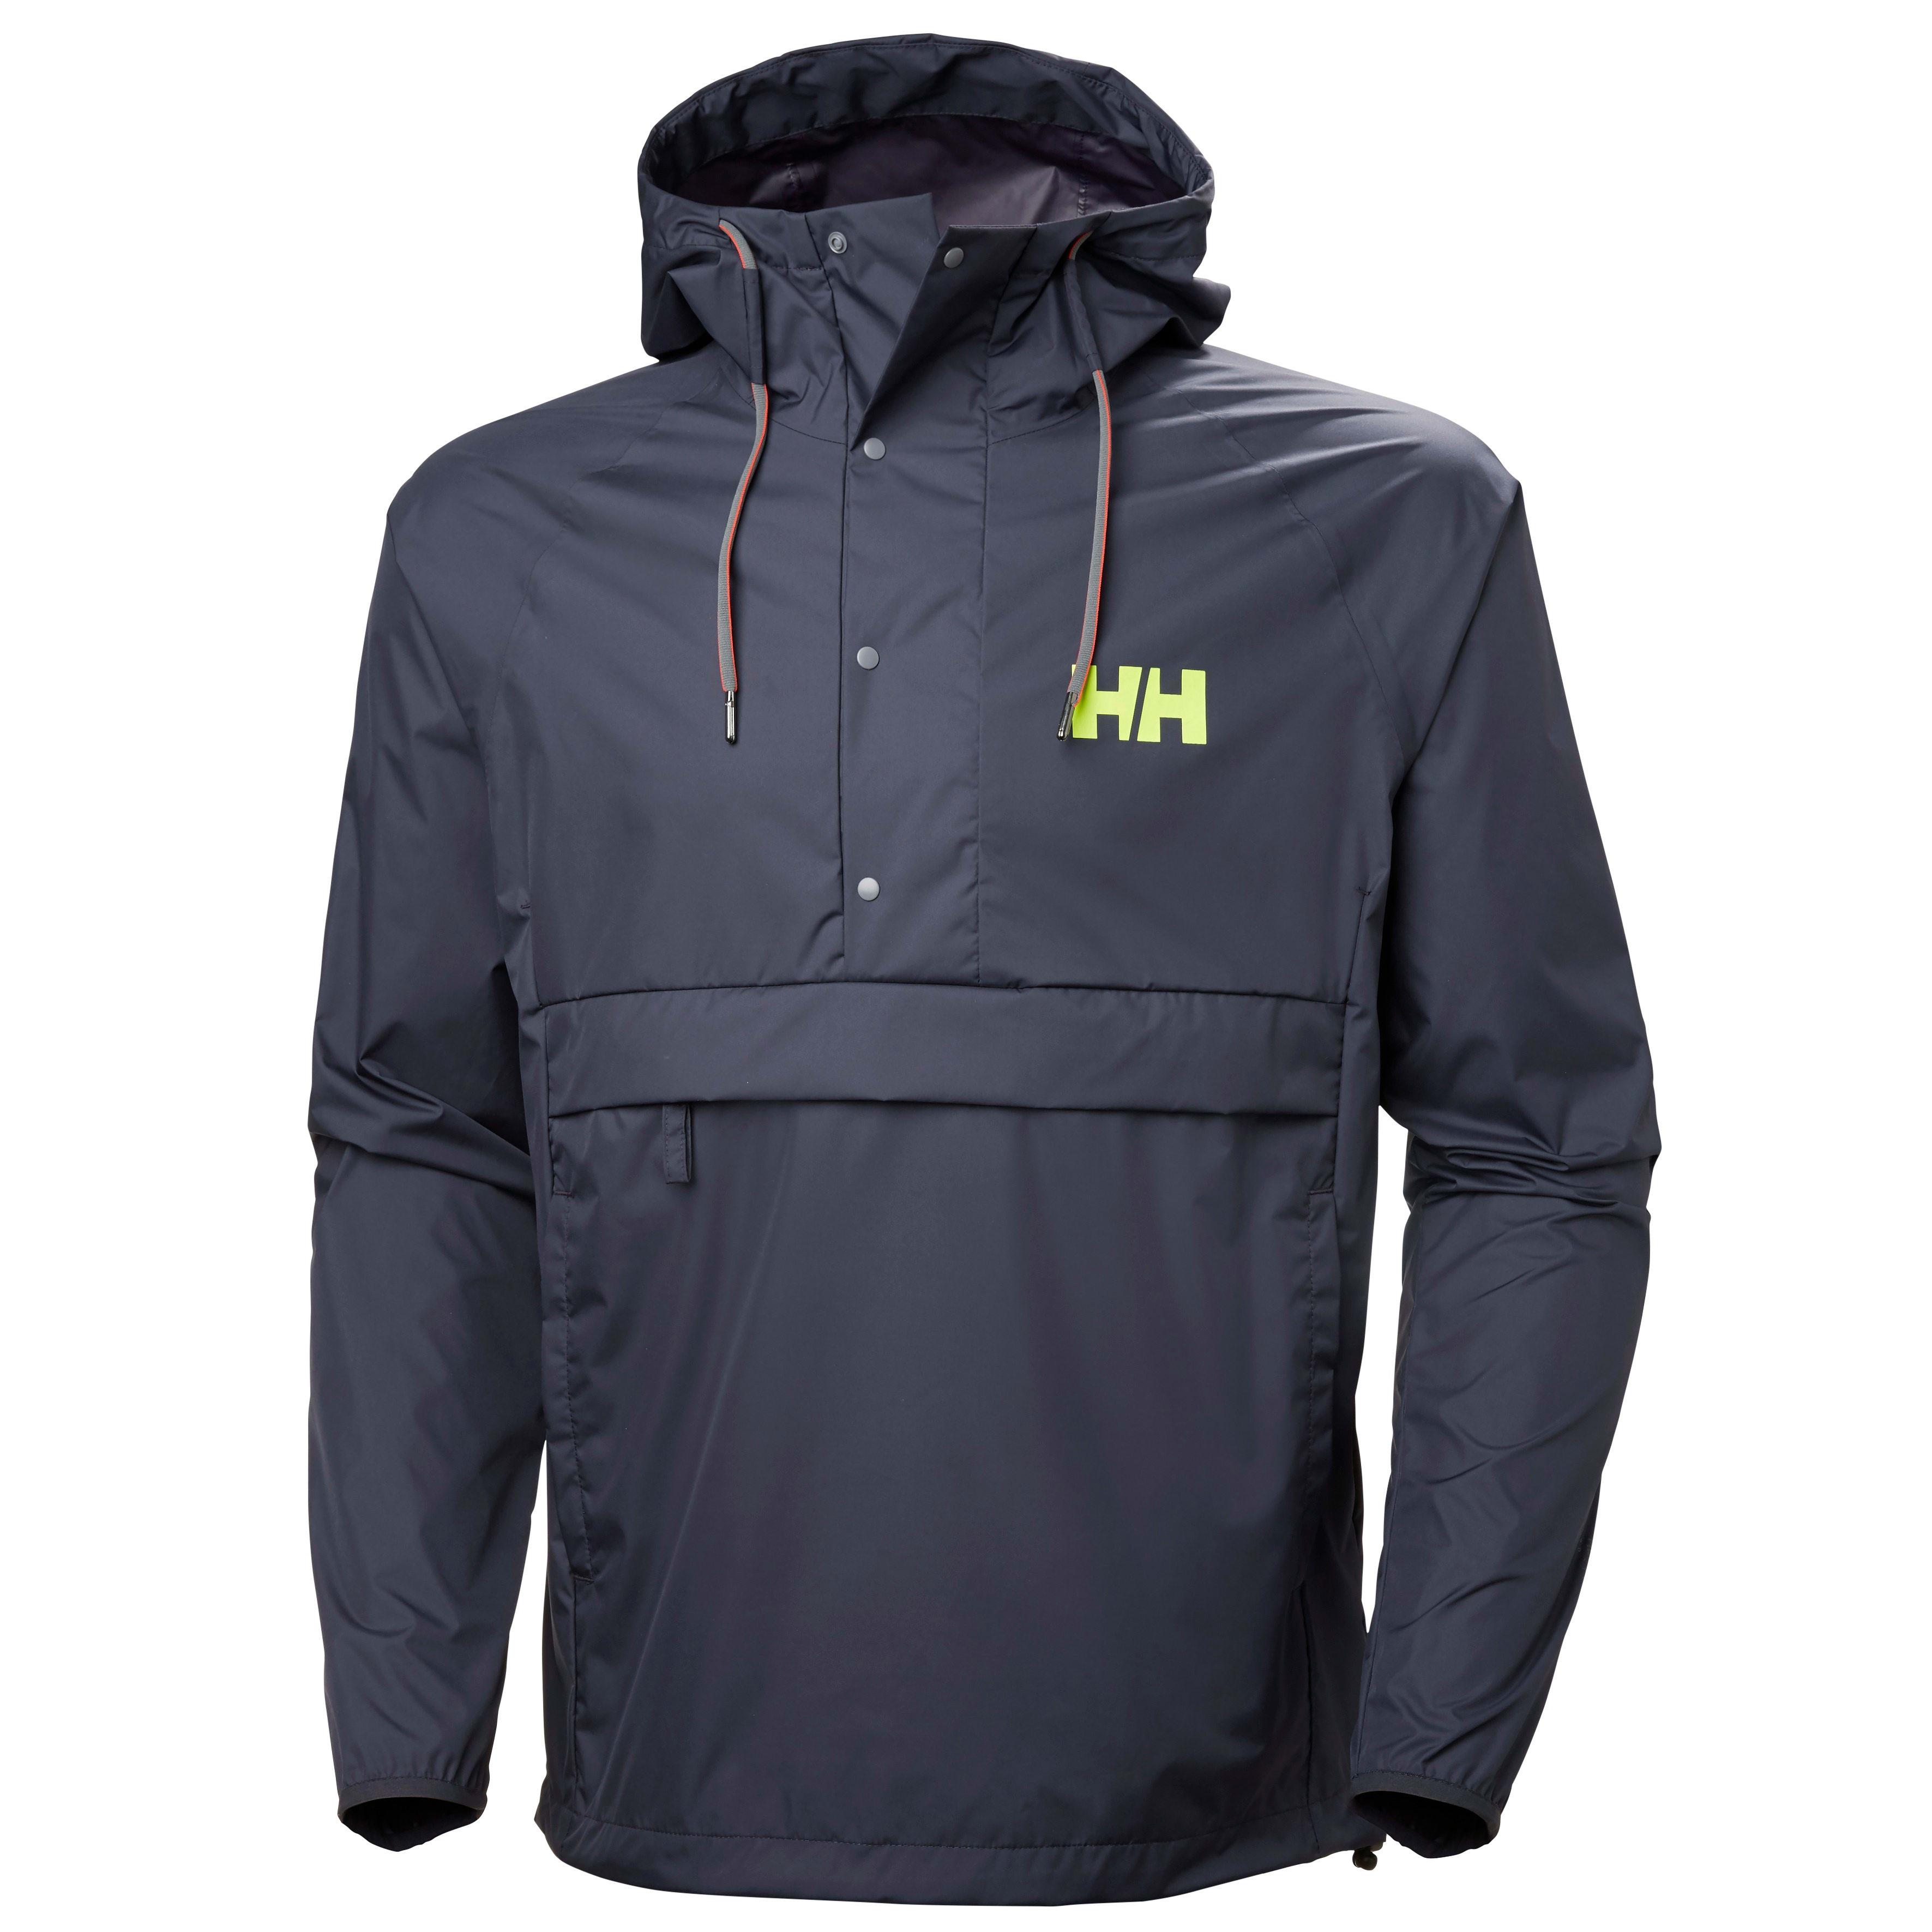 Kjøp Helly Hansen Loke Packable Anorak fra Outnorth